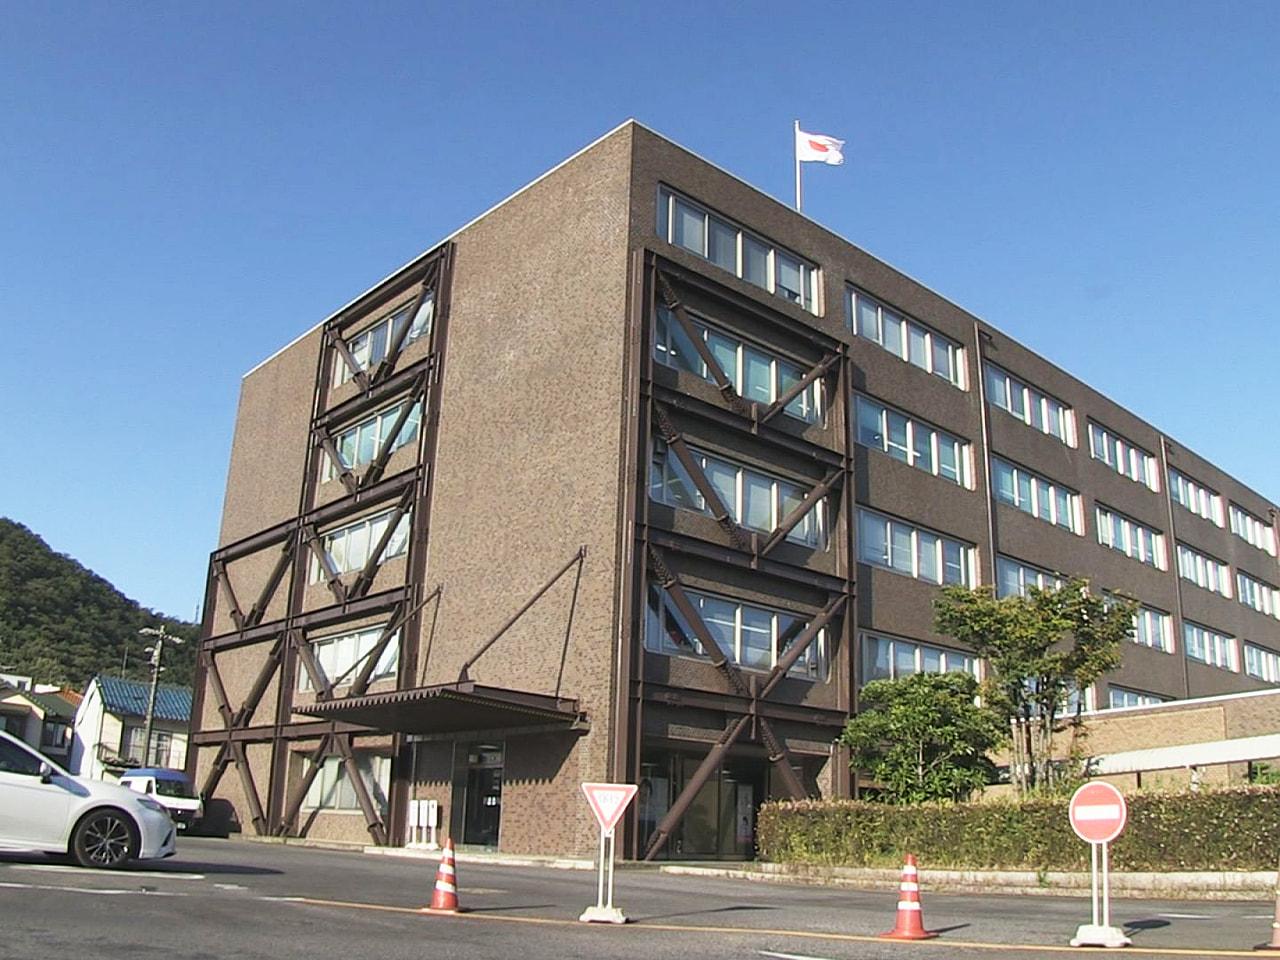 岐阜財務事務所は岐阜県内の4月期の景気について、「一部に厳しい状況があるものの持...